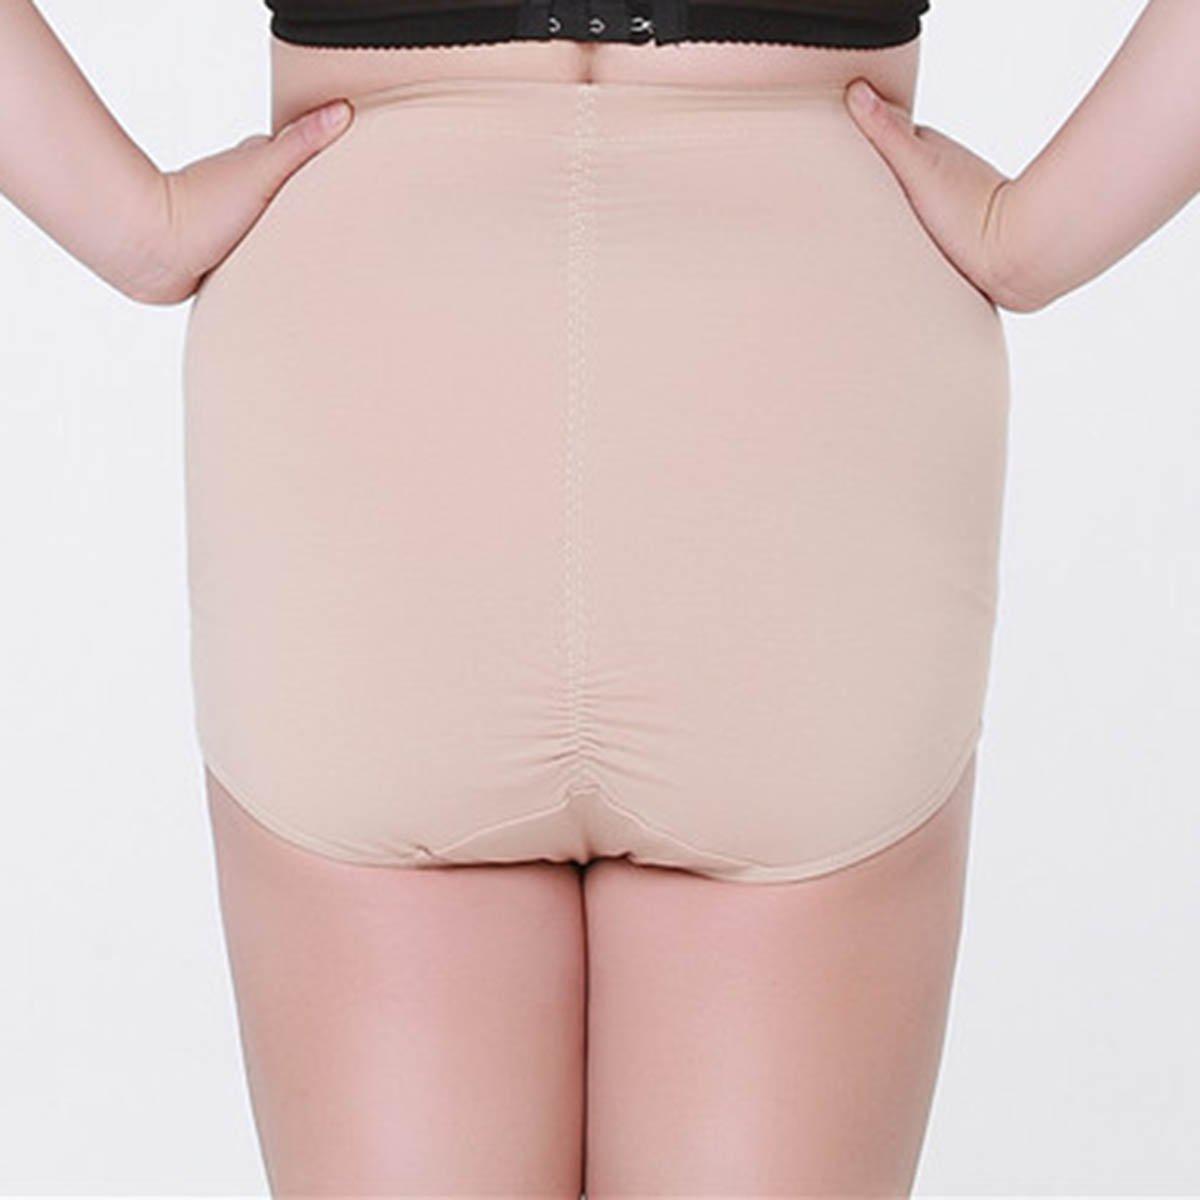 79a1f05895 Niyatree Womens Cotton Hi-Cut Boys Shorts Tummy Control Panties Shapewear  Brief